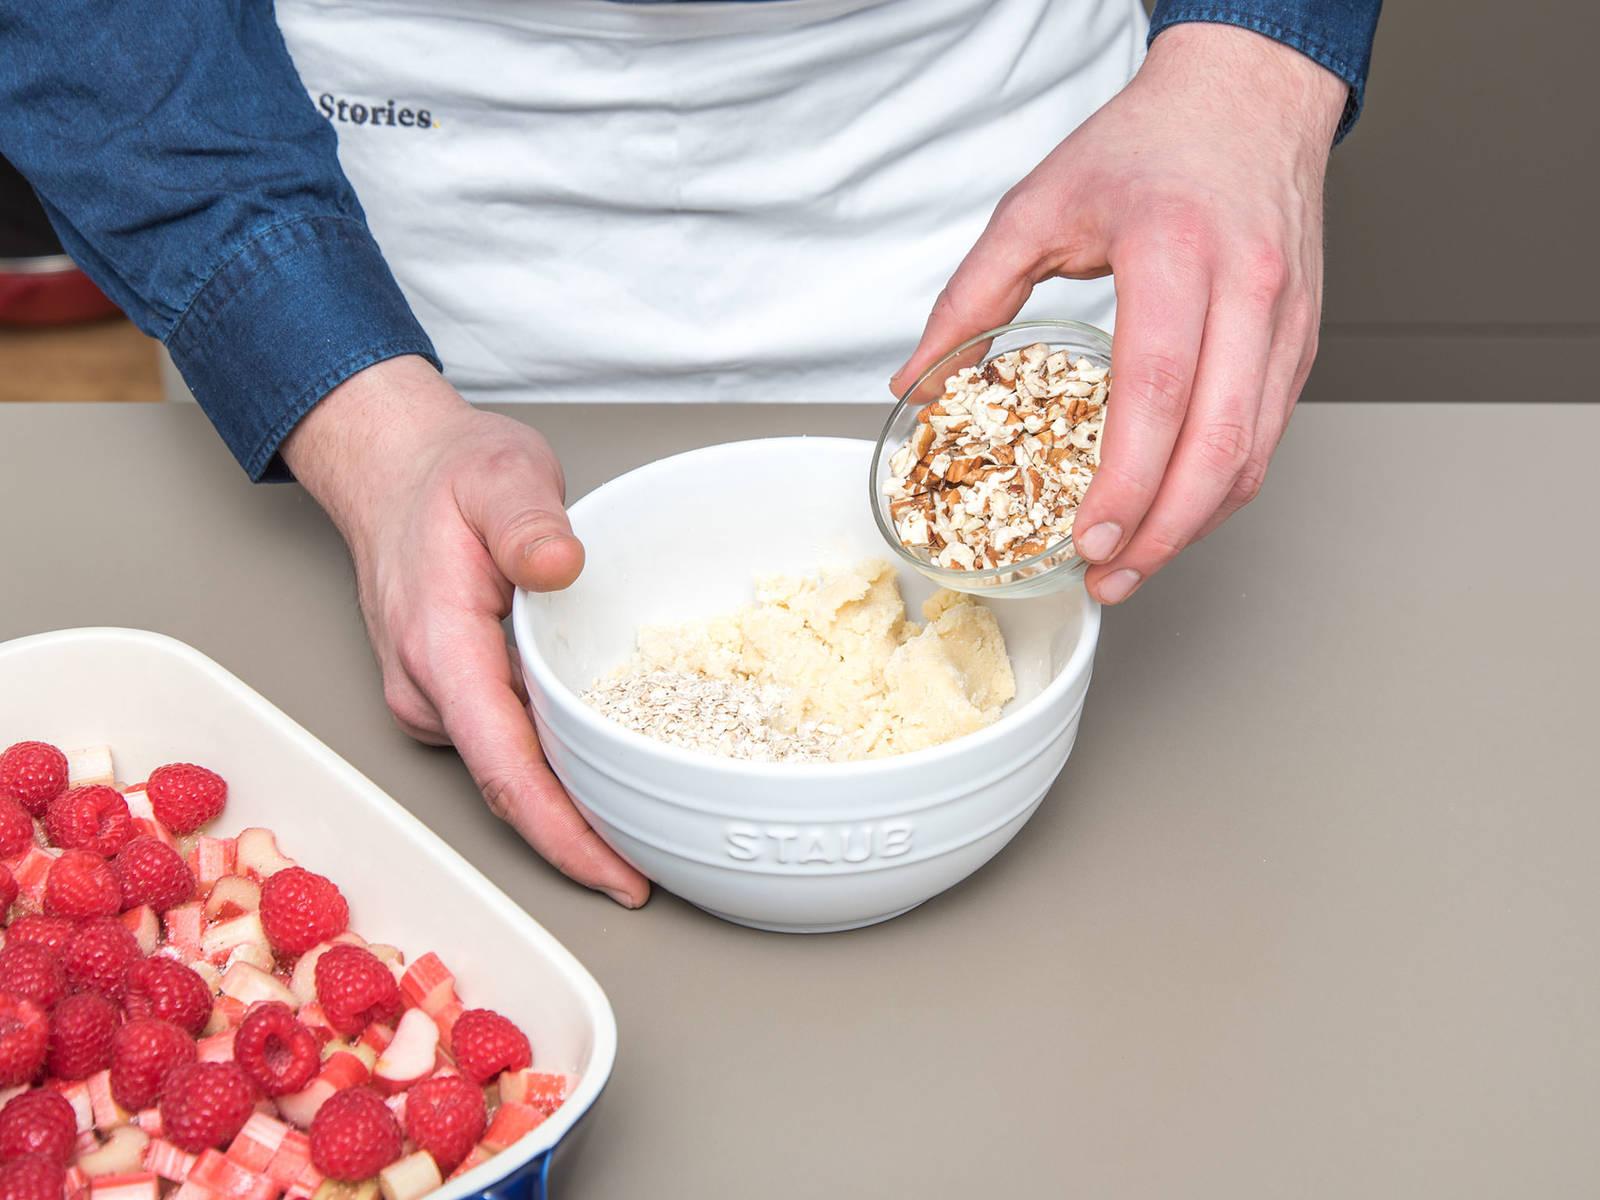 烤箱预热至190°C(环绕式)。黄油切小块,和剩余的糖和面粉混合,用指尖揉搓成酥粒面团。大略切碎碧根果,和燕麦片与酥粒面团混合。